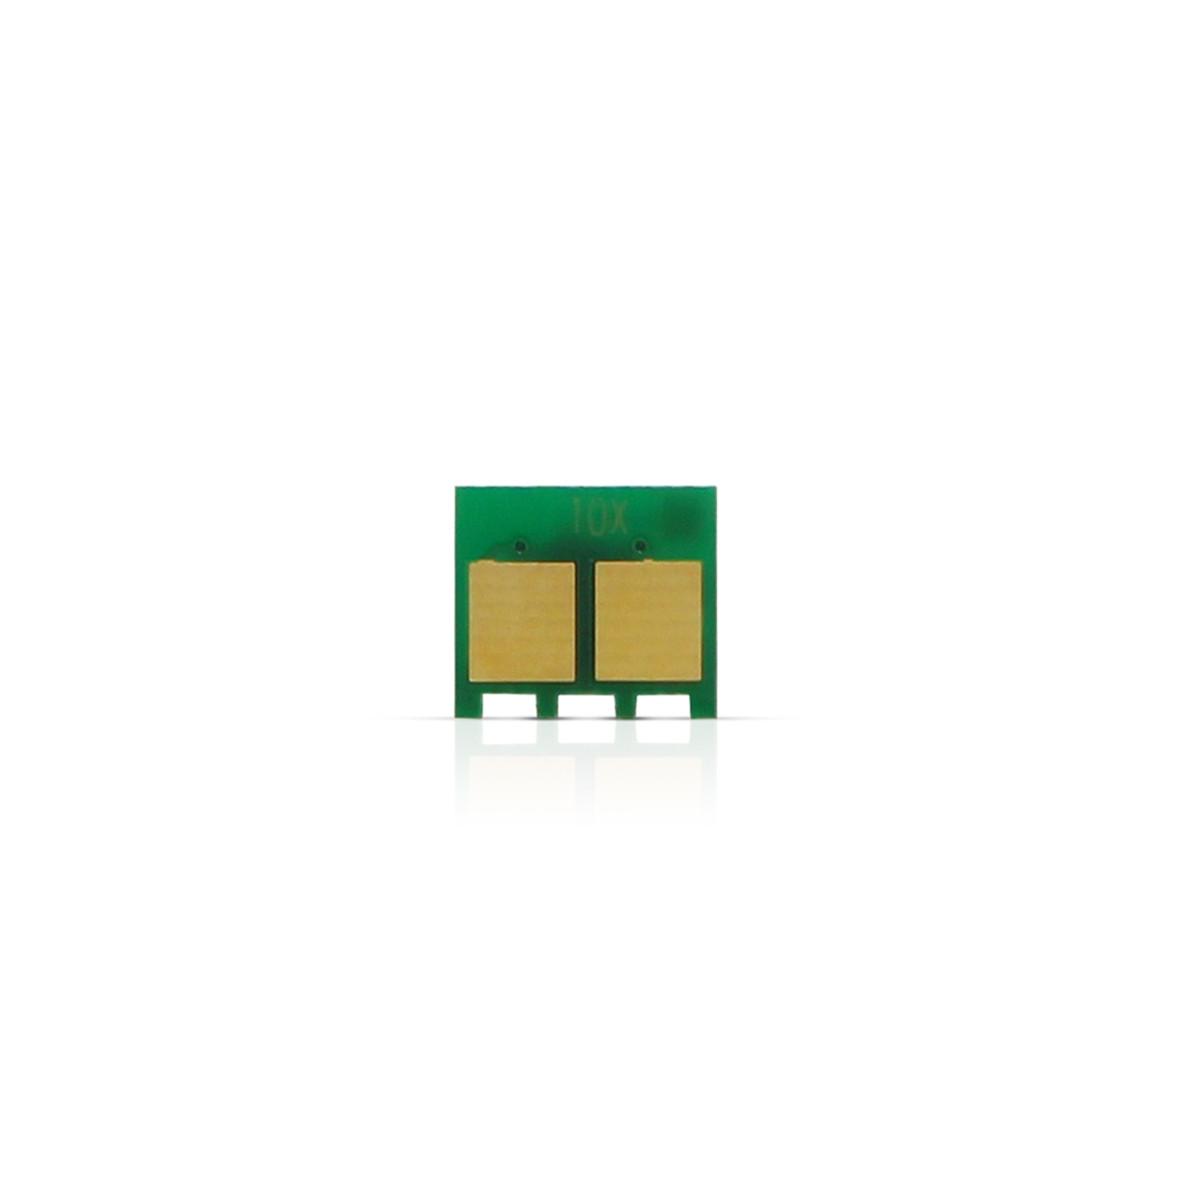 Chip Toner HP CE413A Magenta Específico | 351A 375NW 451DN 451DW 451NW 475DN 475DW | 2.600 páginas